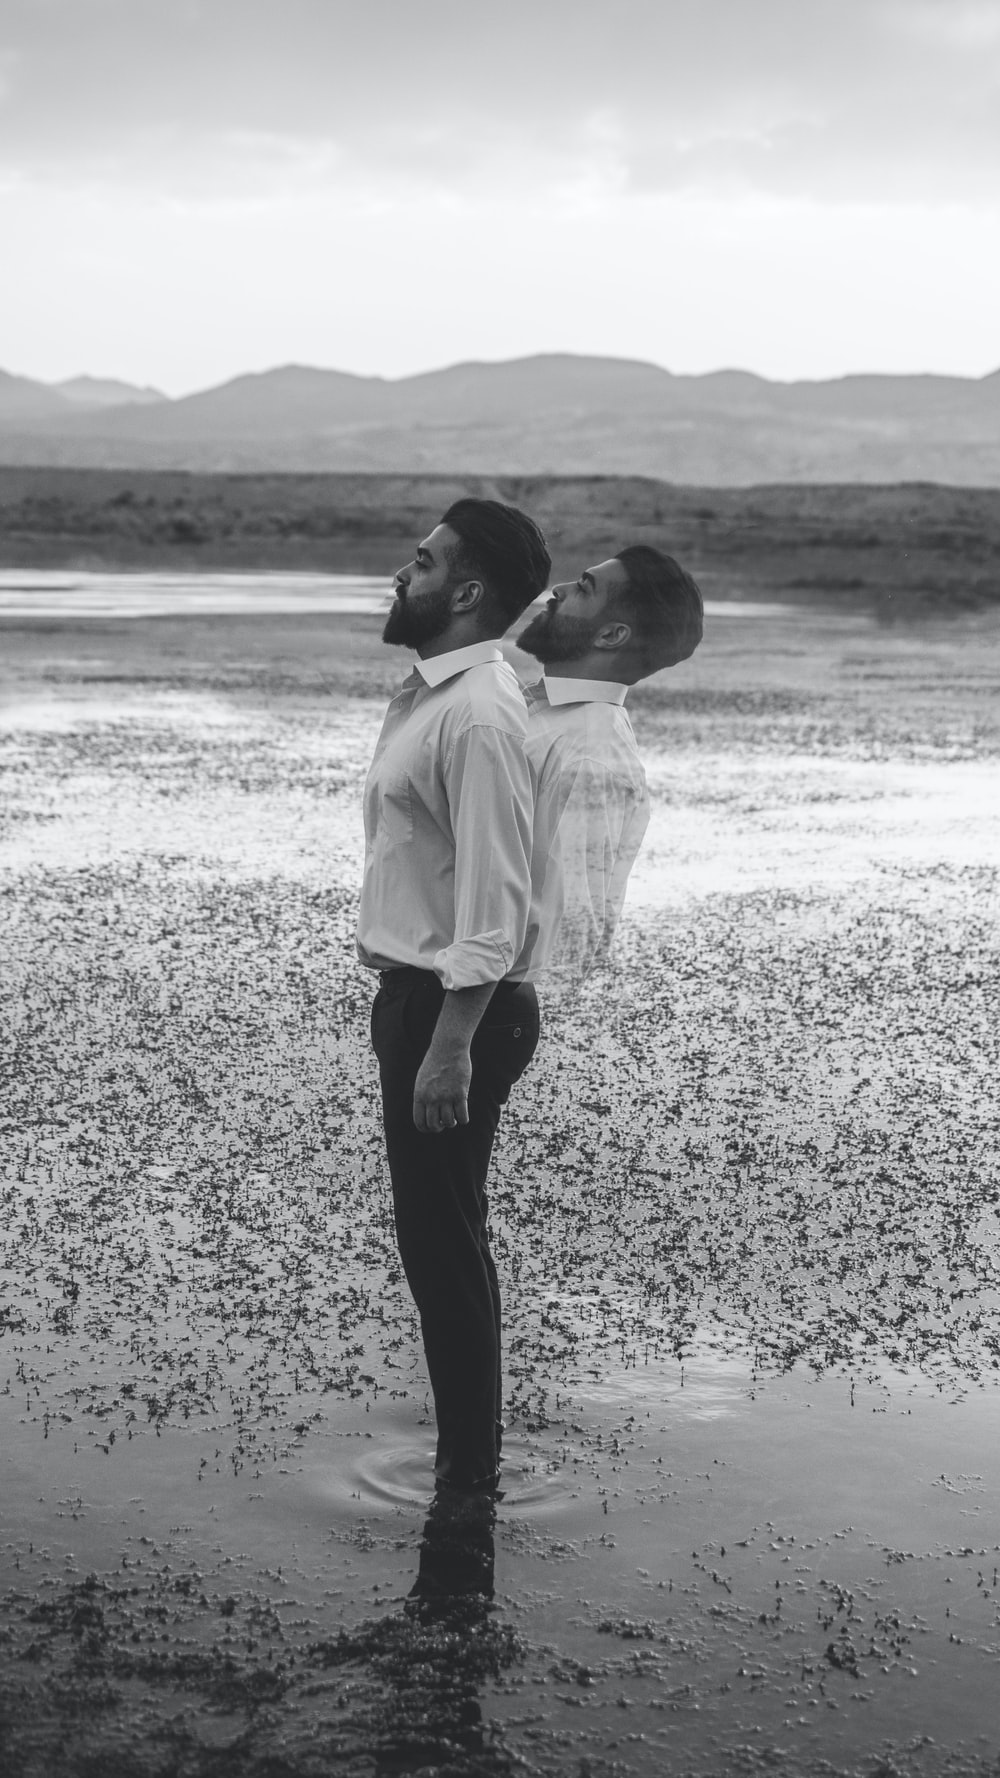 boy in white dress shirt and black pants walking on seashore during daytime